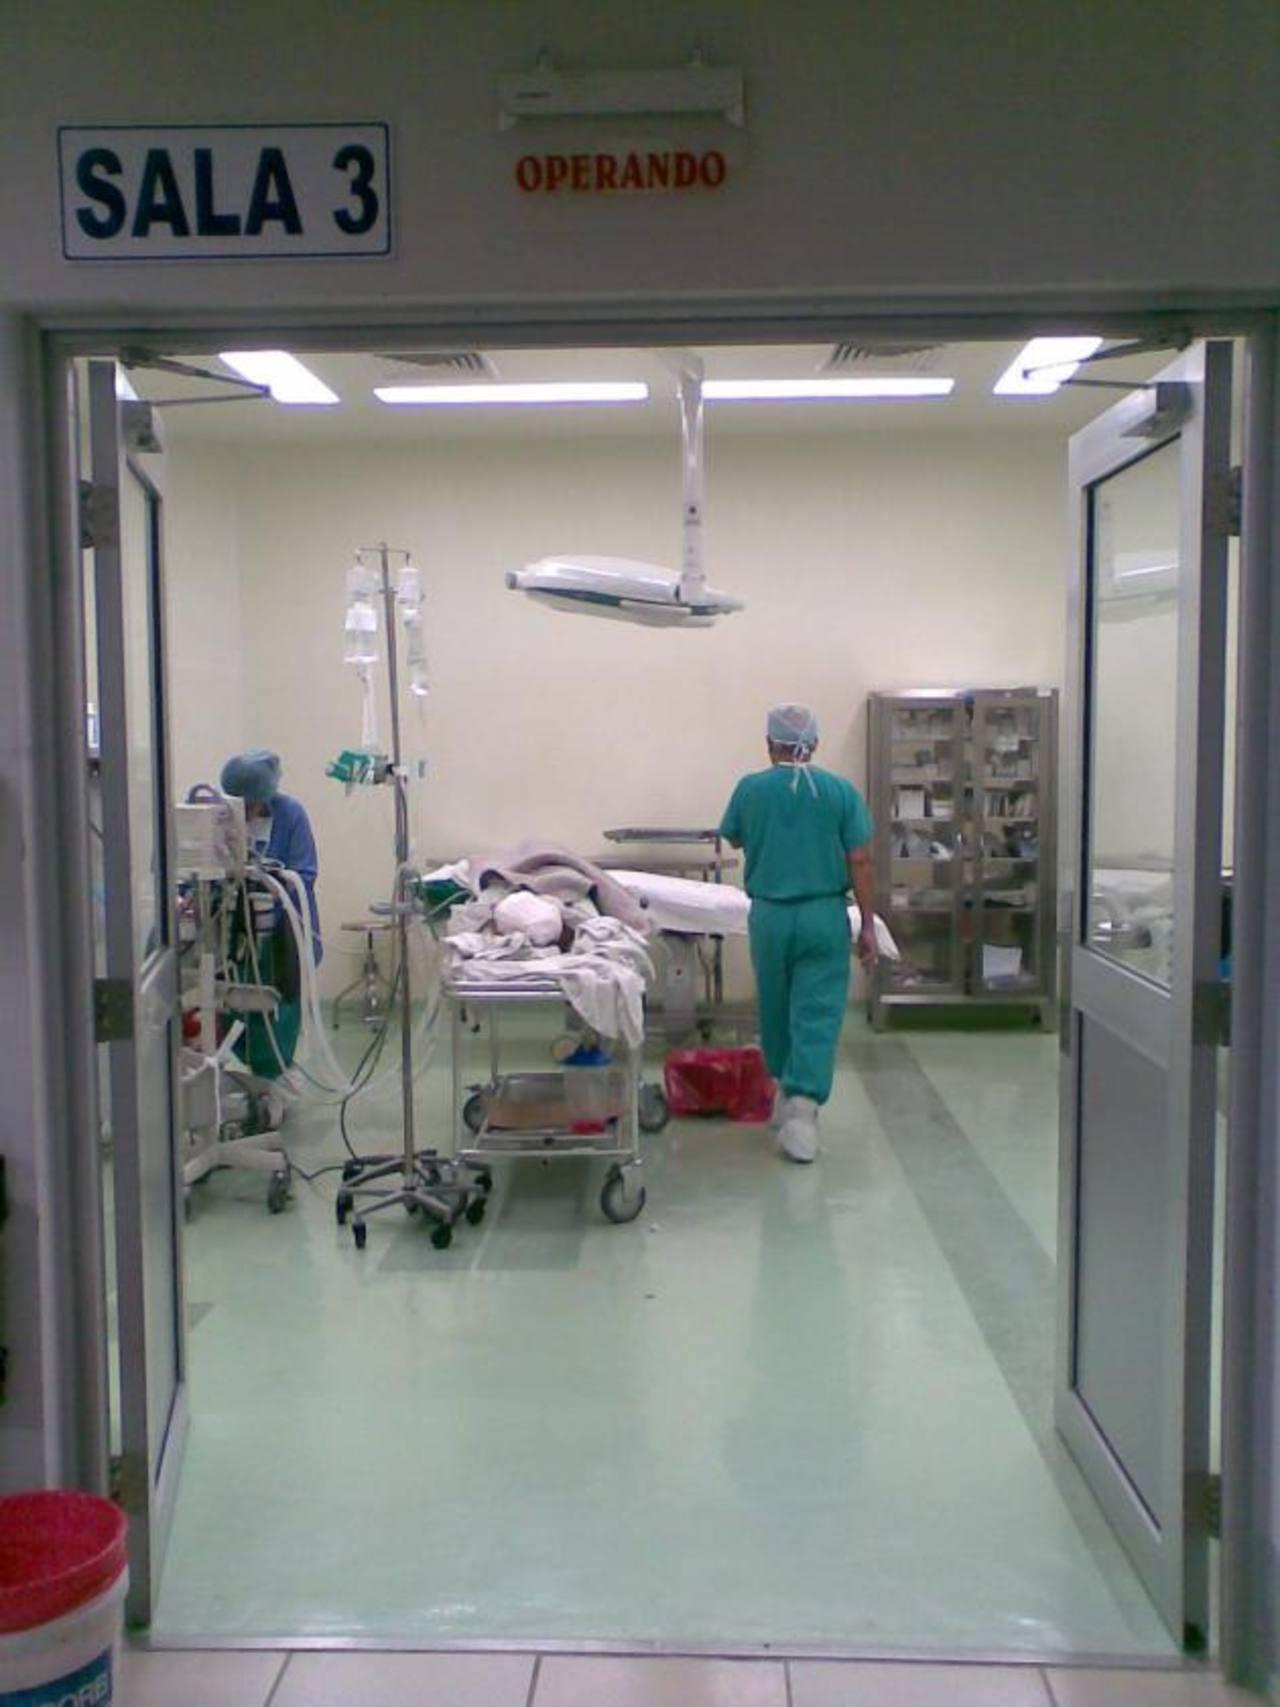 Un paciente permanece en una sala de cirugía del hospital Rosales, principal centro de referencia del país. Foto EDH / archivoCarta enviada por el jefe de cirugía del hospital, doctor Melvin Guardado Ramos, al director del centro, Mauricio Ventura. F